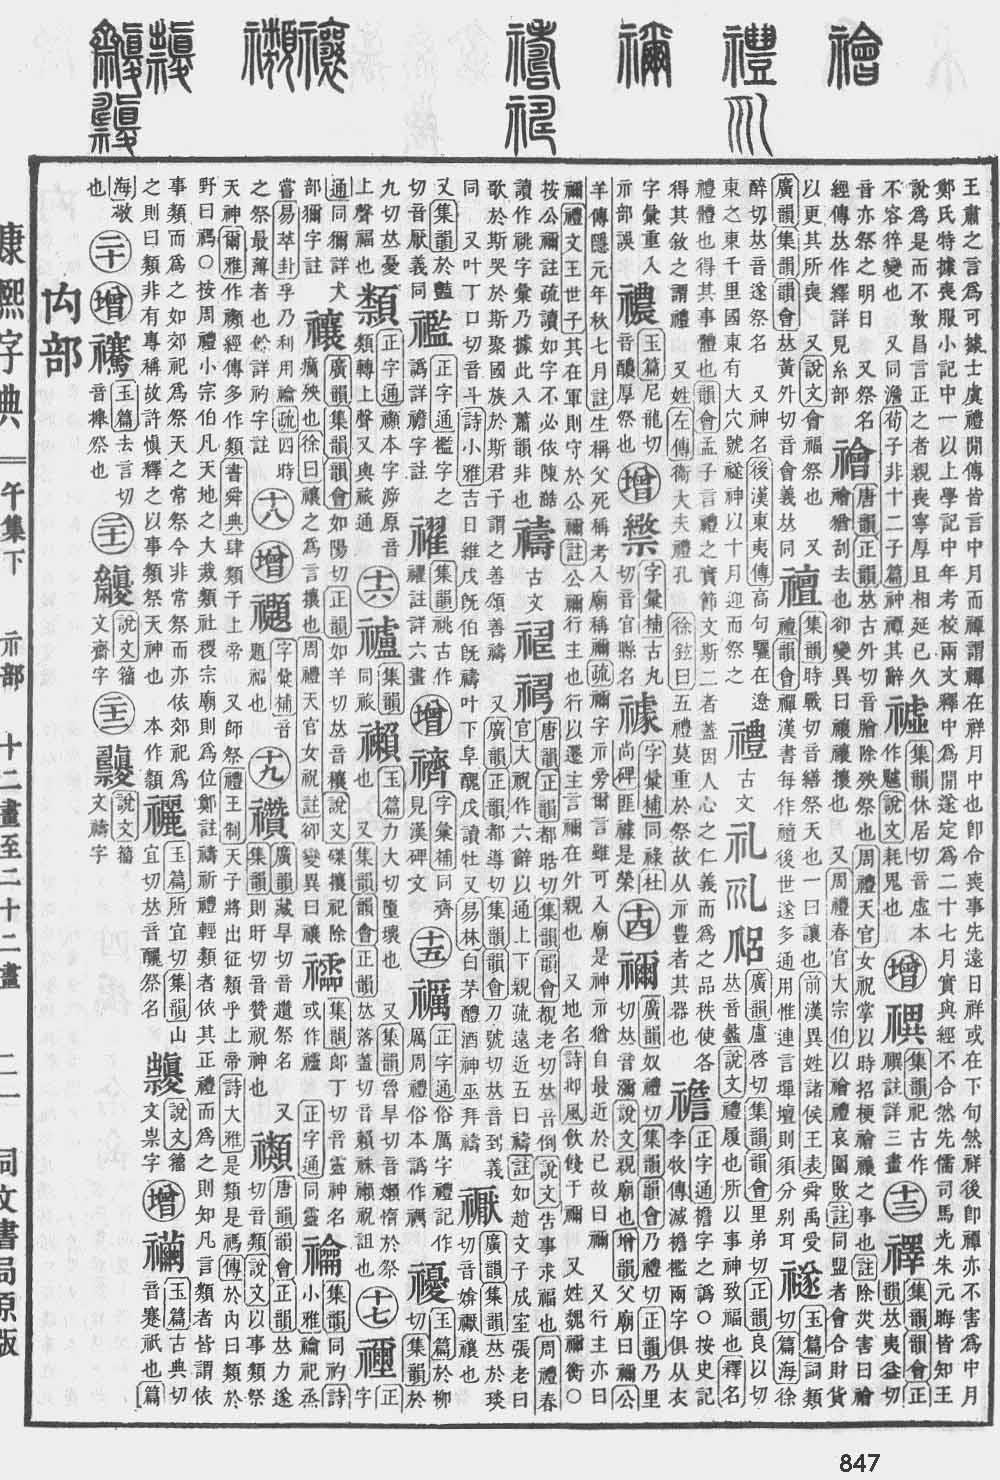 《康熙字典》第847页